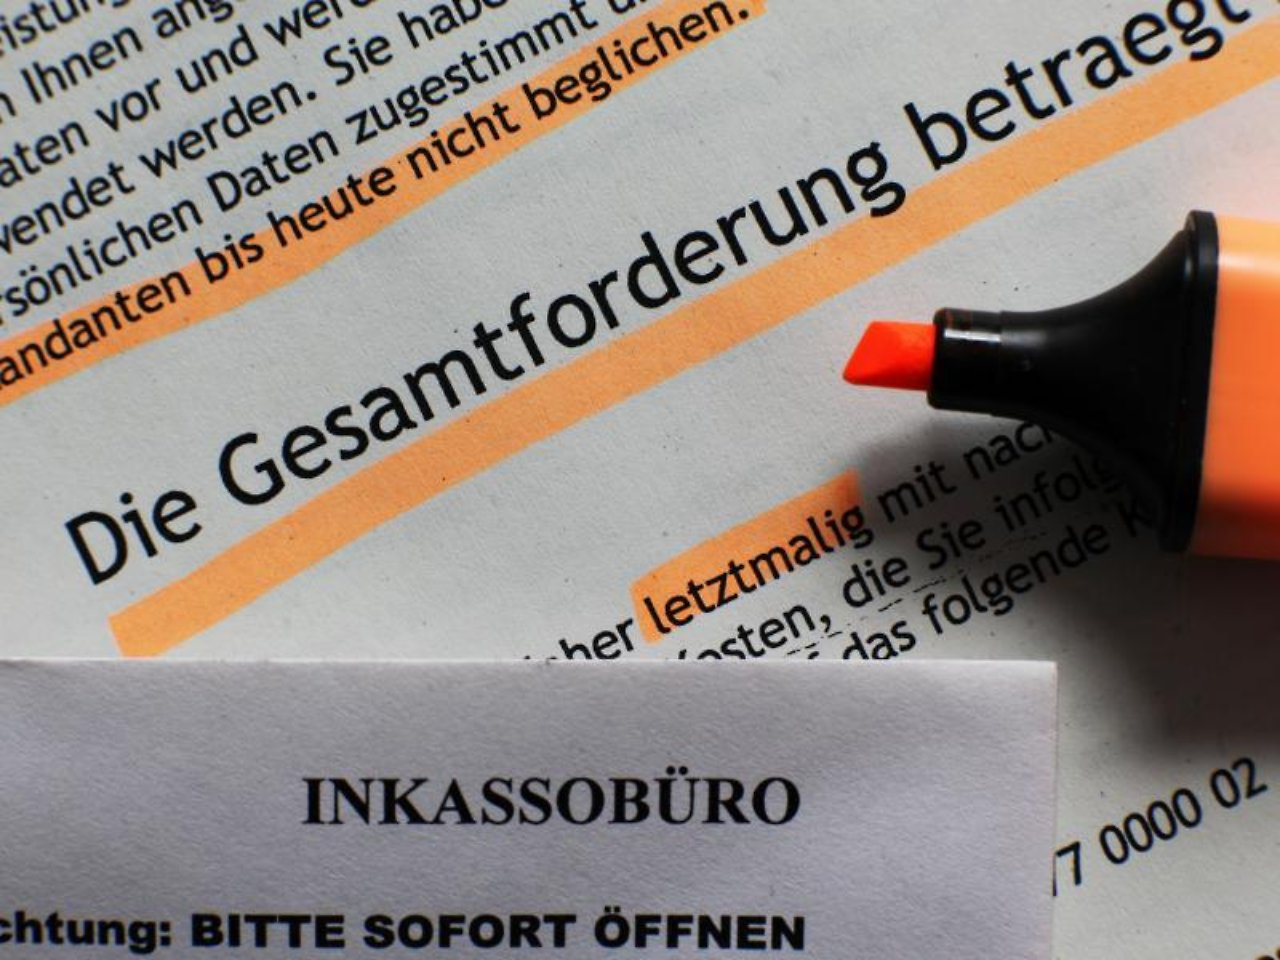 Inkasso-Schreiben sorgen häufig für Angstschweiß und Panik. Trotzdem sollte  man einen kühlen Kopf